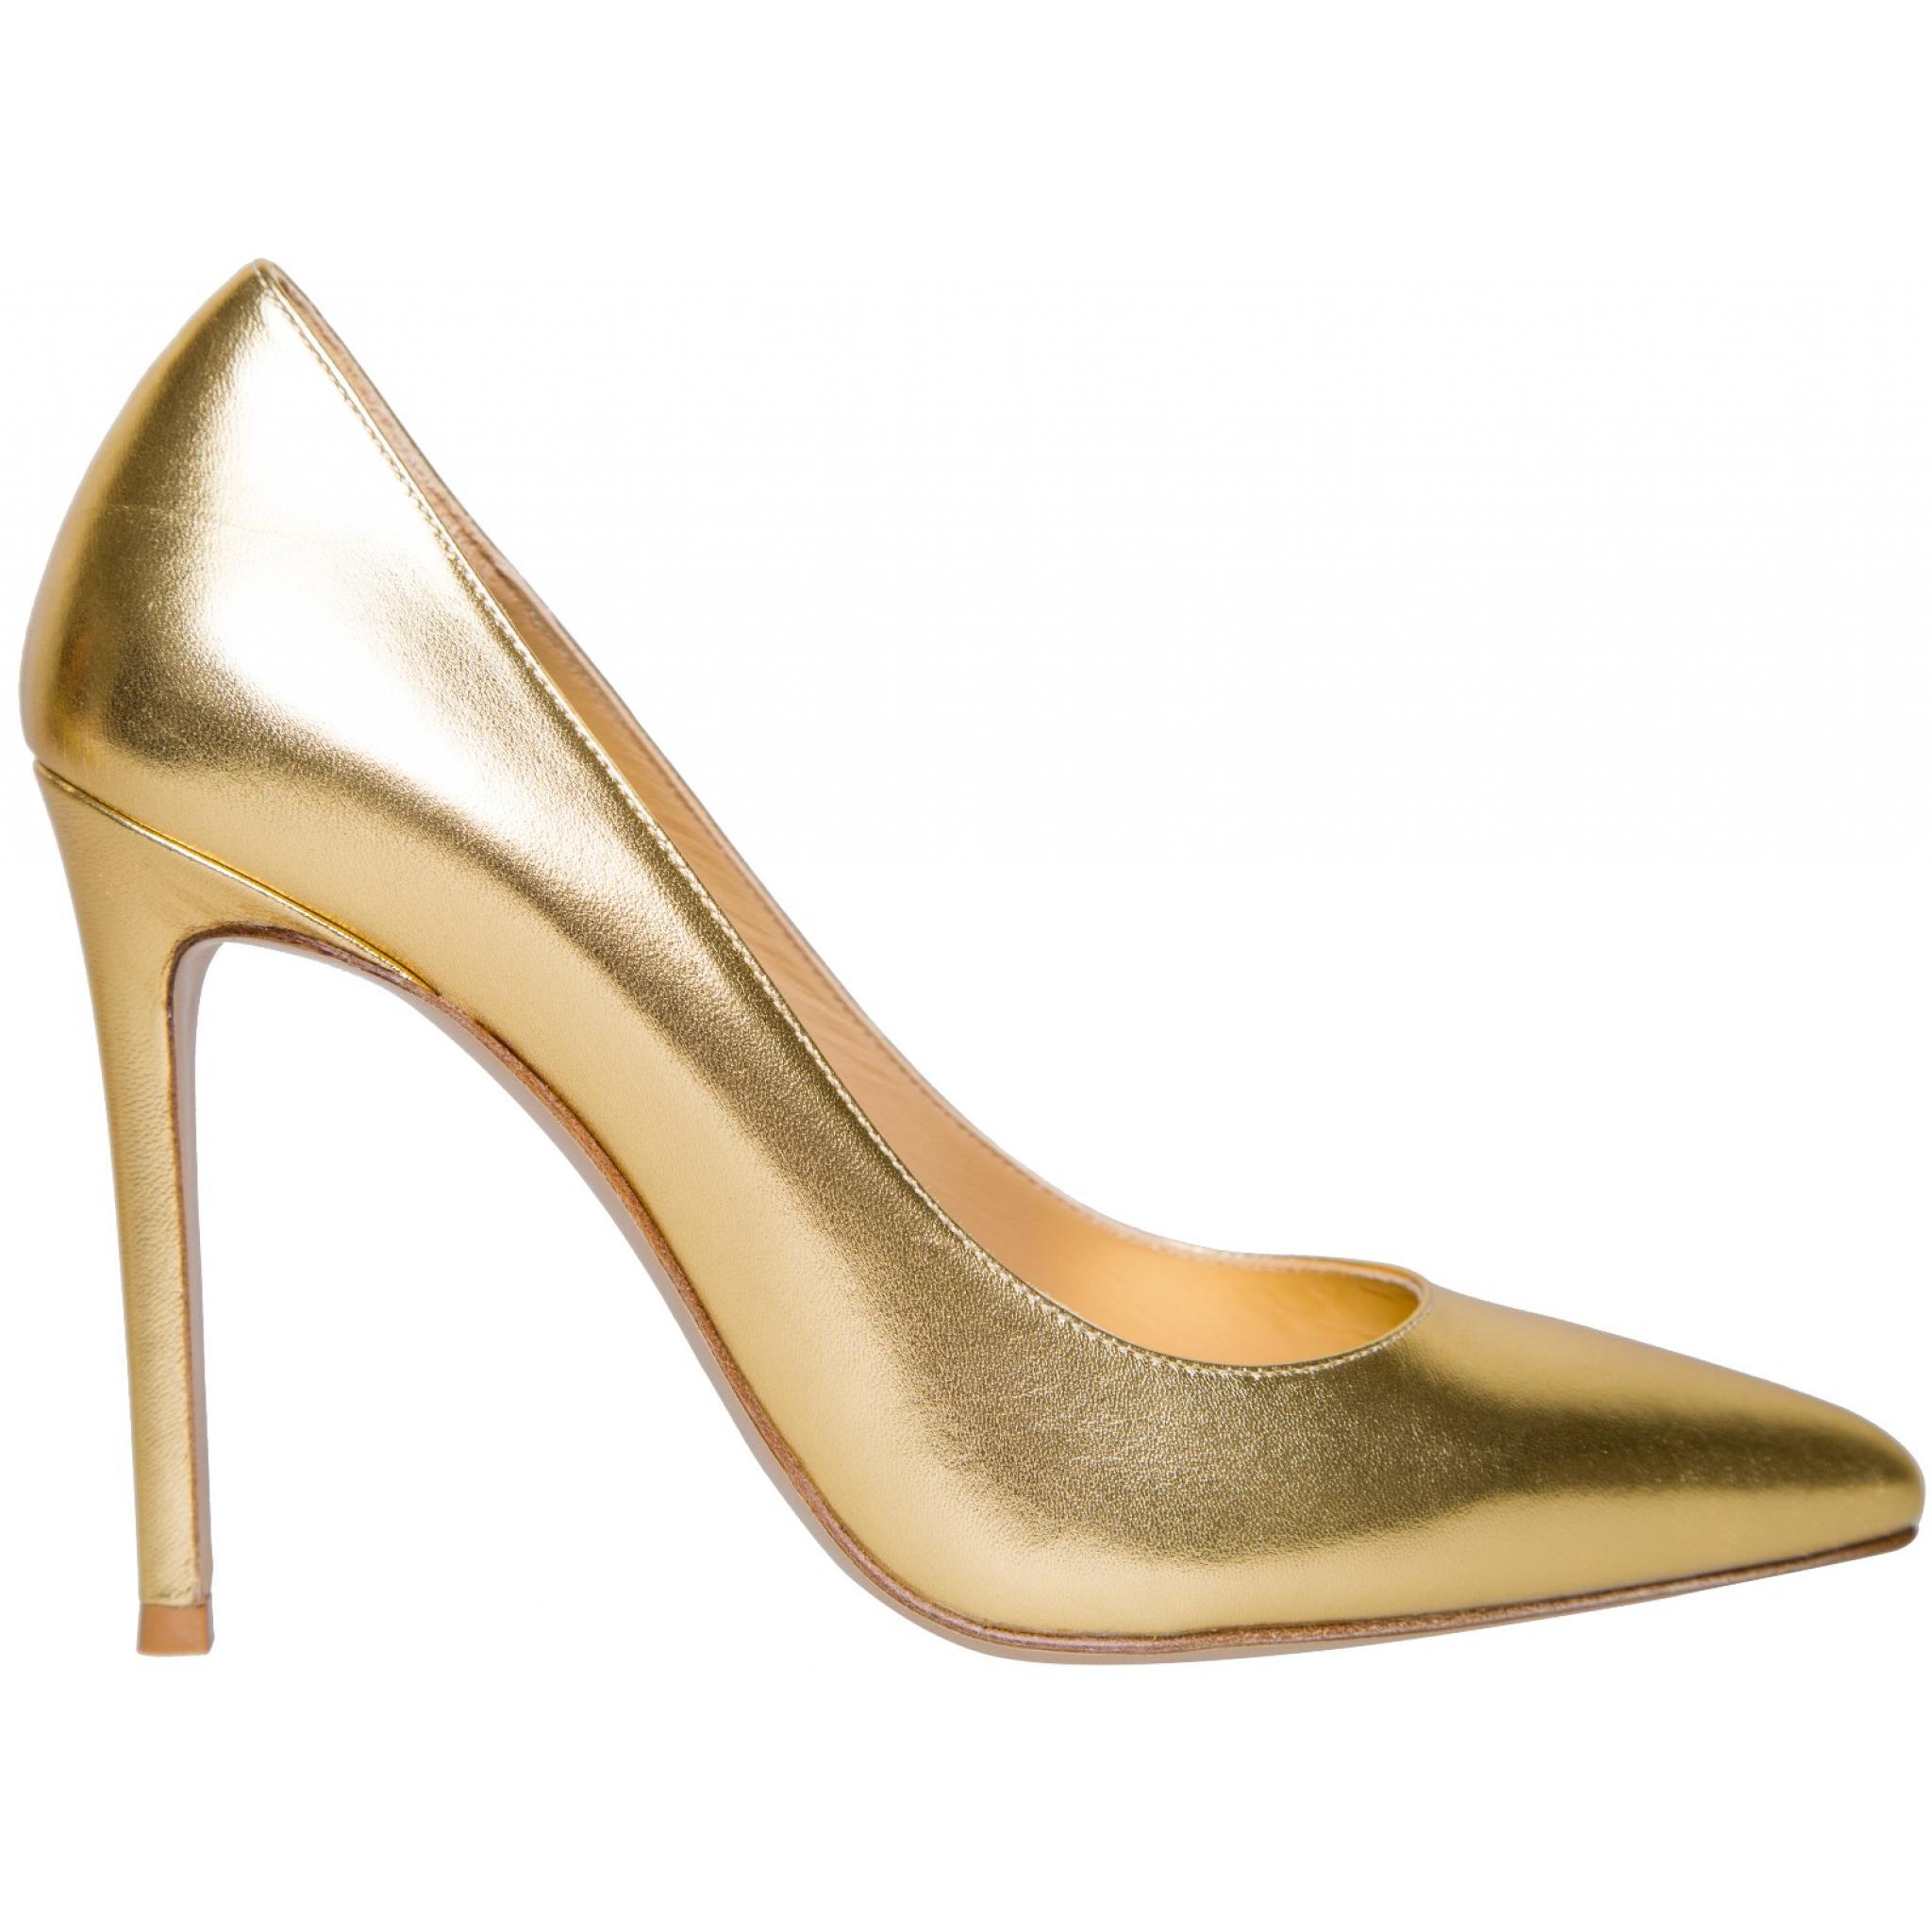 High-Heels in Metallicleder mit spitzer Zehenkappe-0